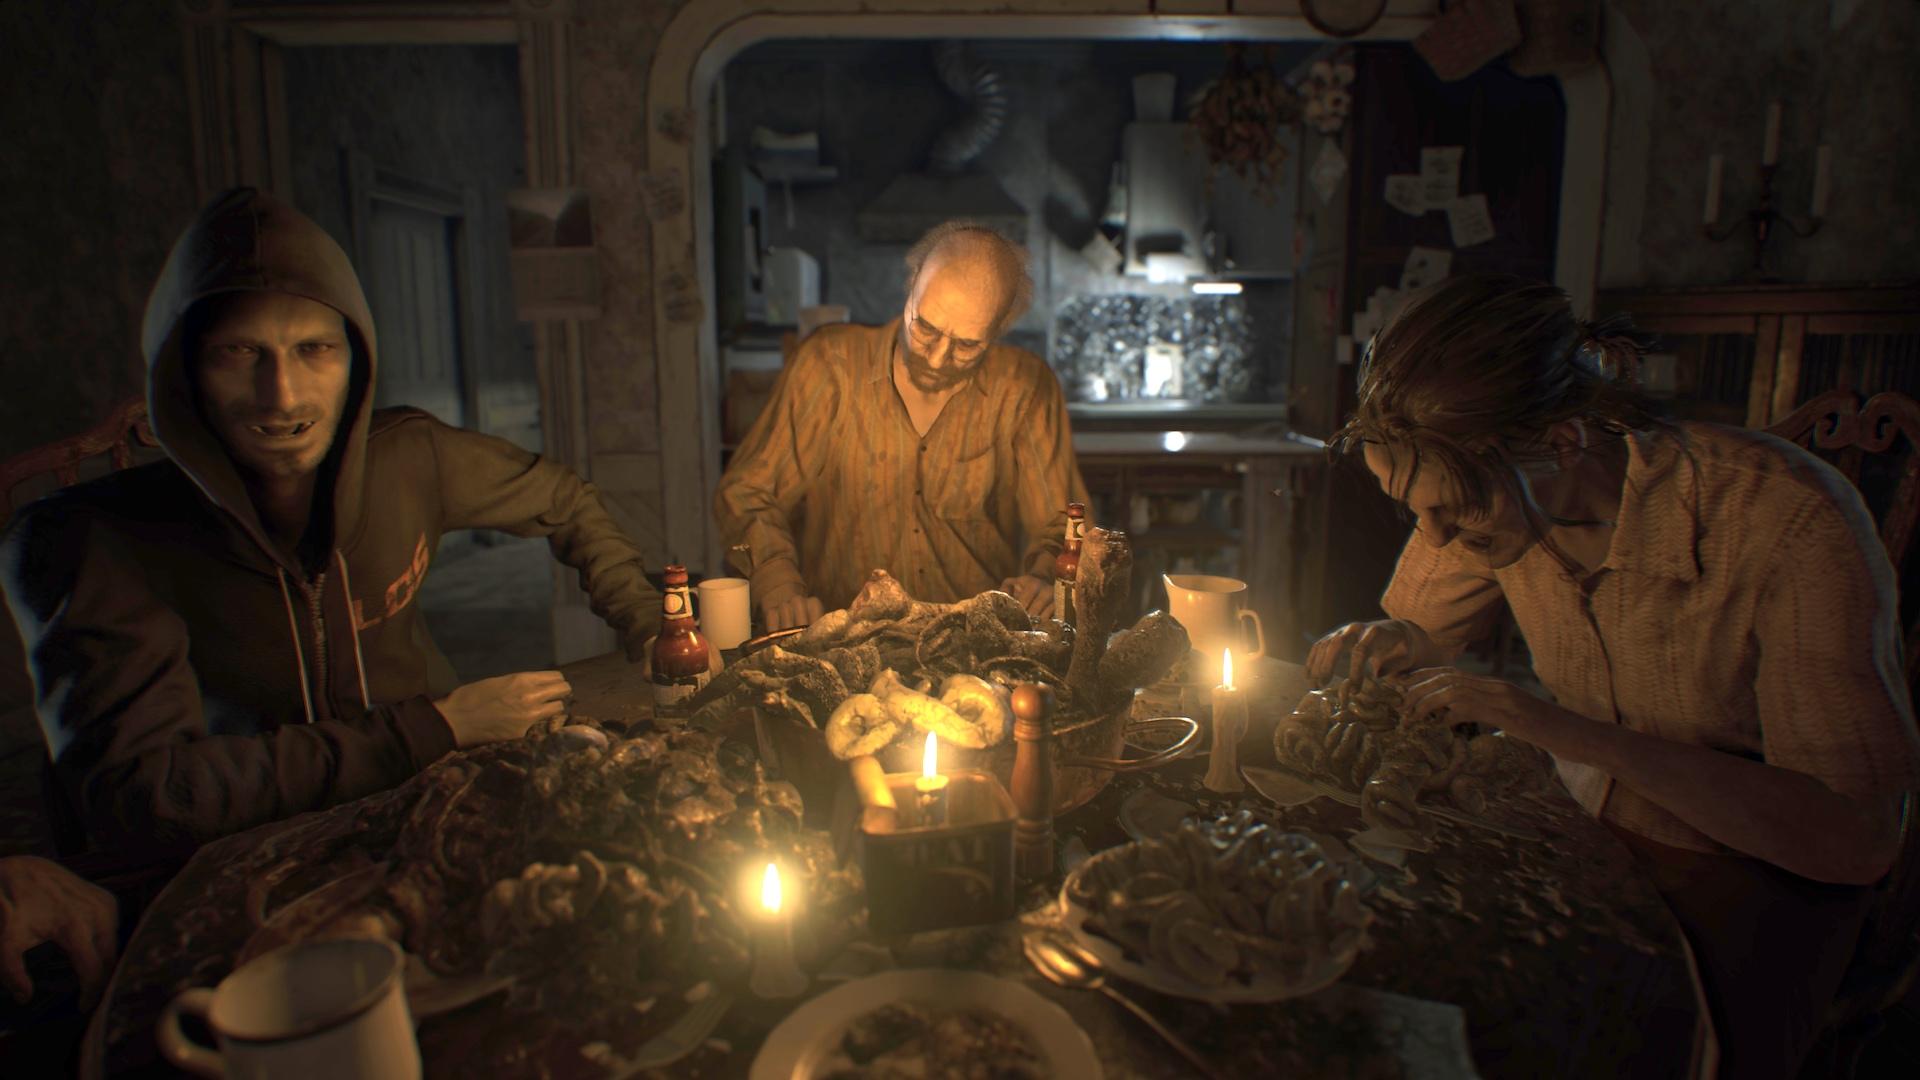 resident-evil-7-ps4-screenshot-01-baker-family